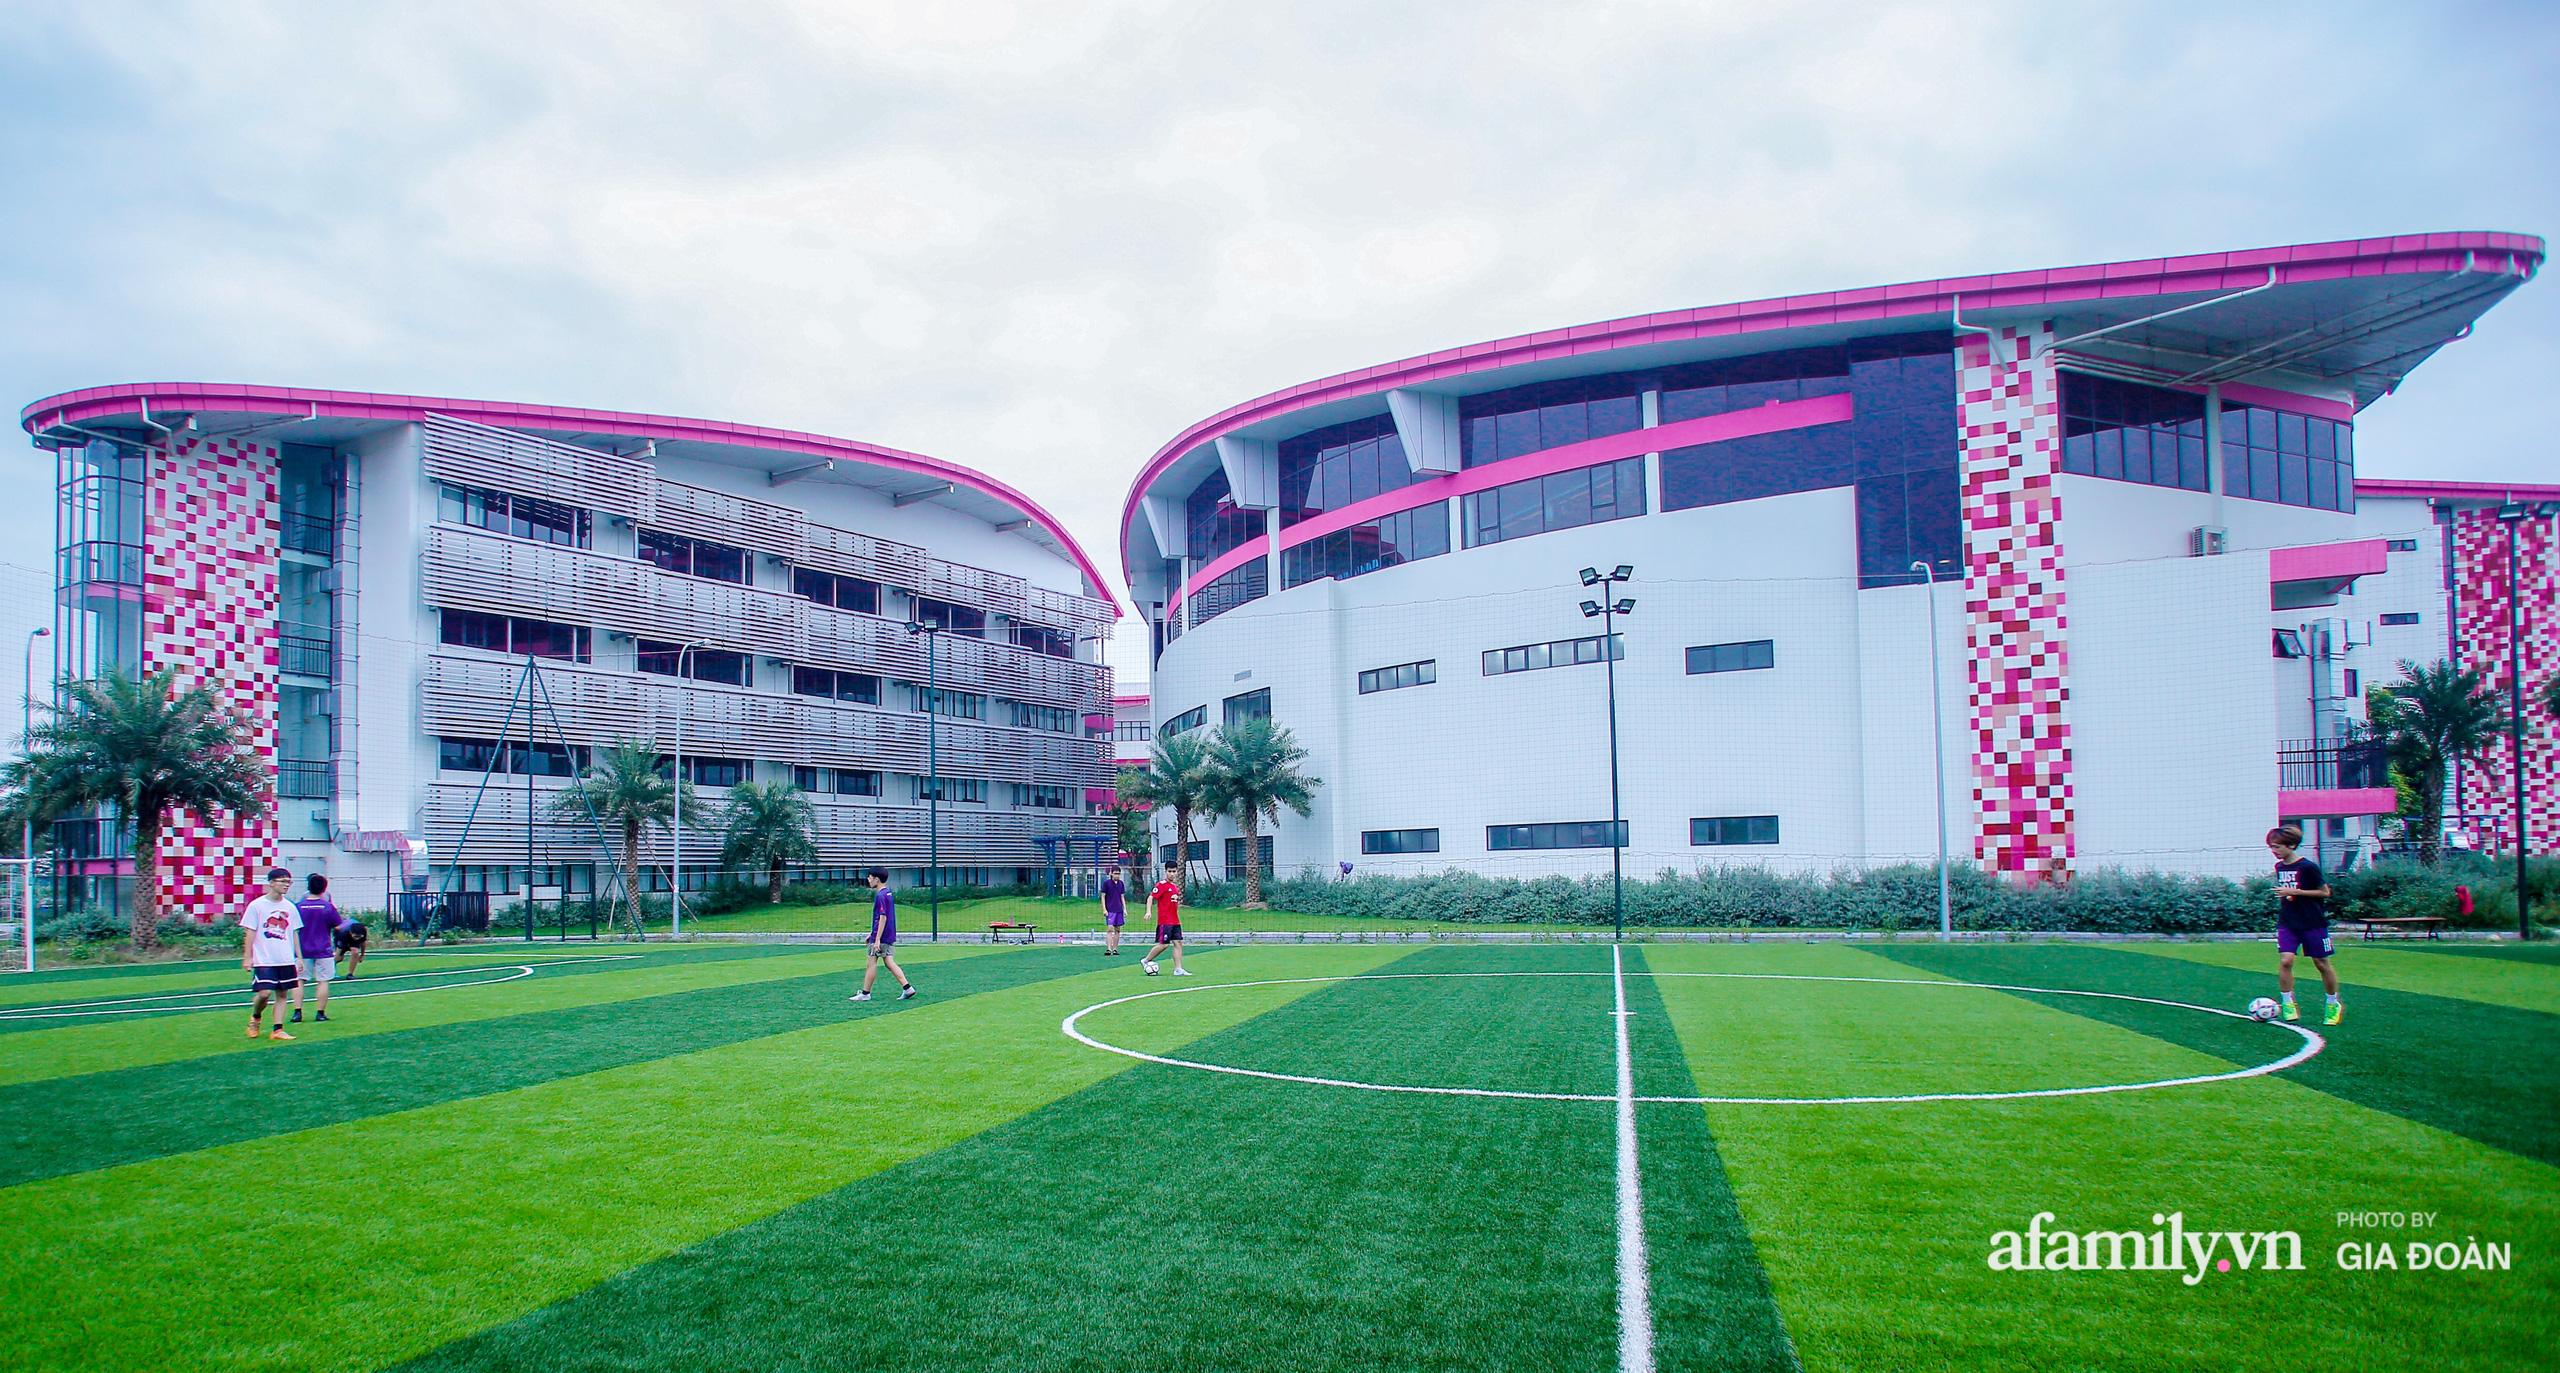 """""""Đột nhập"""" trường nội trú chuẩn quốc tế ở Hà Nội: Học phí nửa tỷ đồng/năm, con đi học một thời gian mà thay đổi 180 độ - Ảnh 15."""